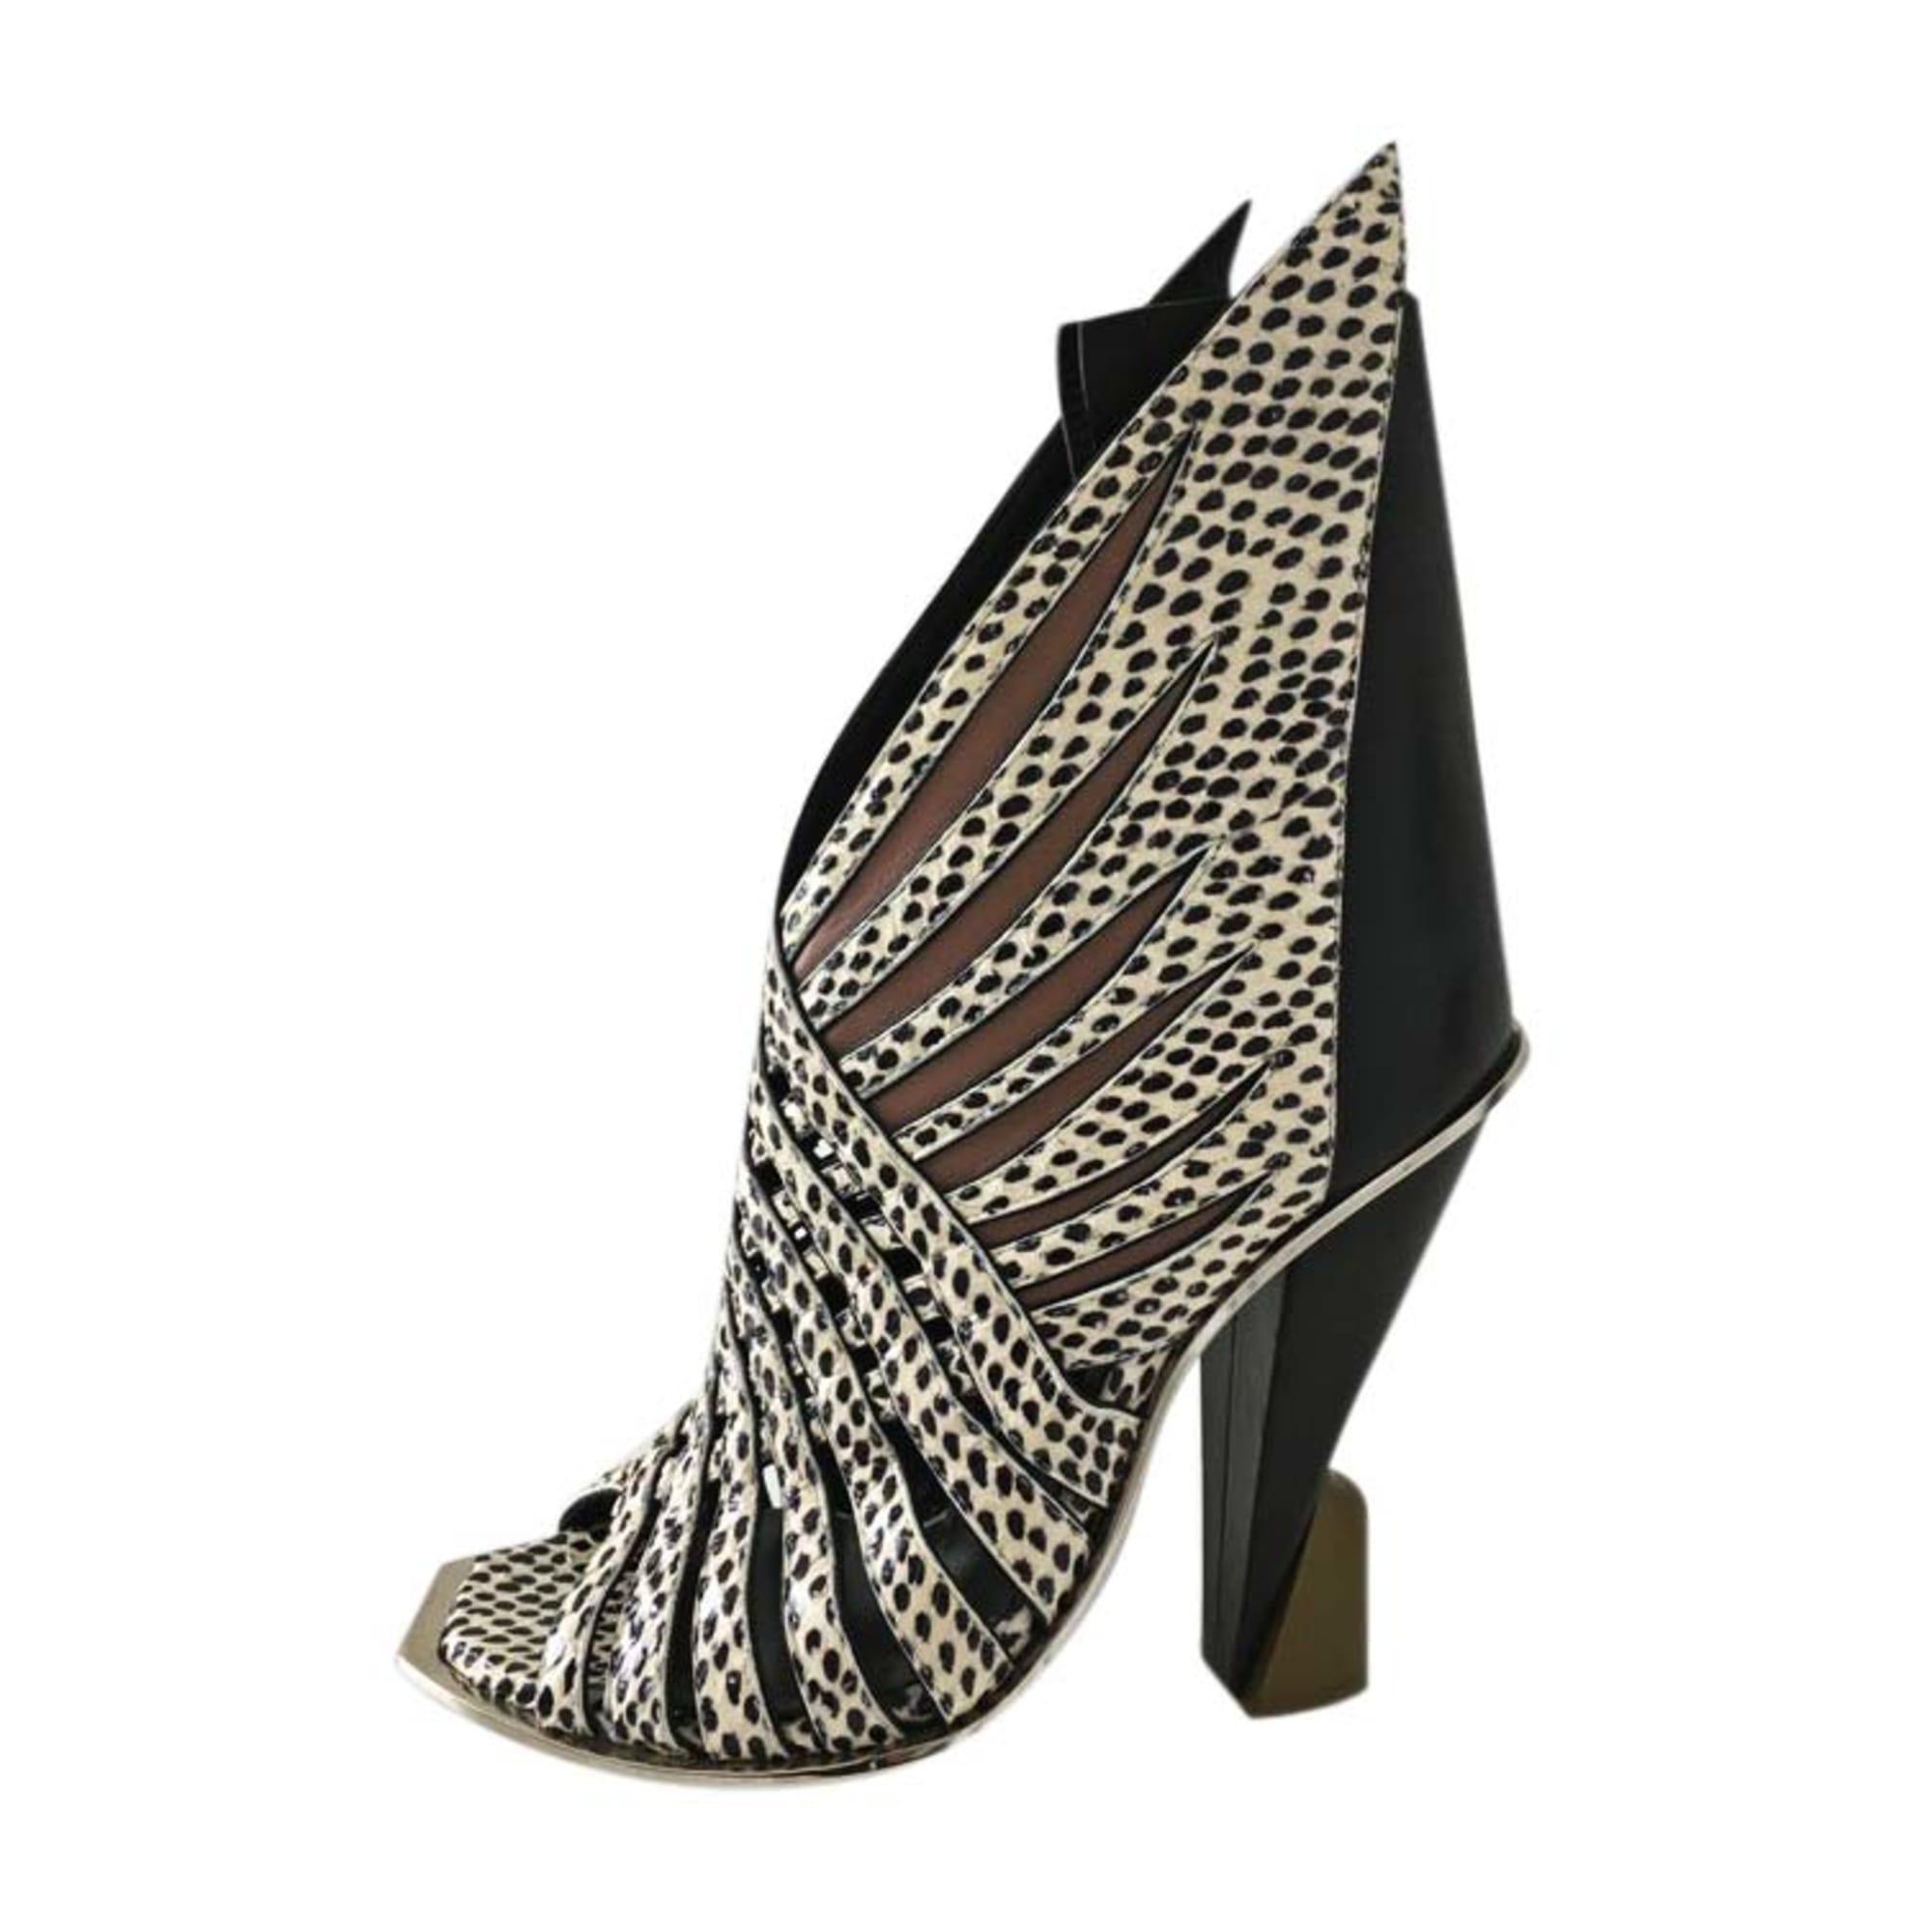 Heeled Sandals BALENCIAGA Black